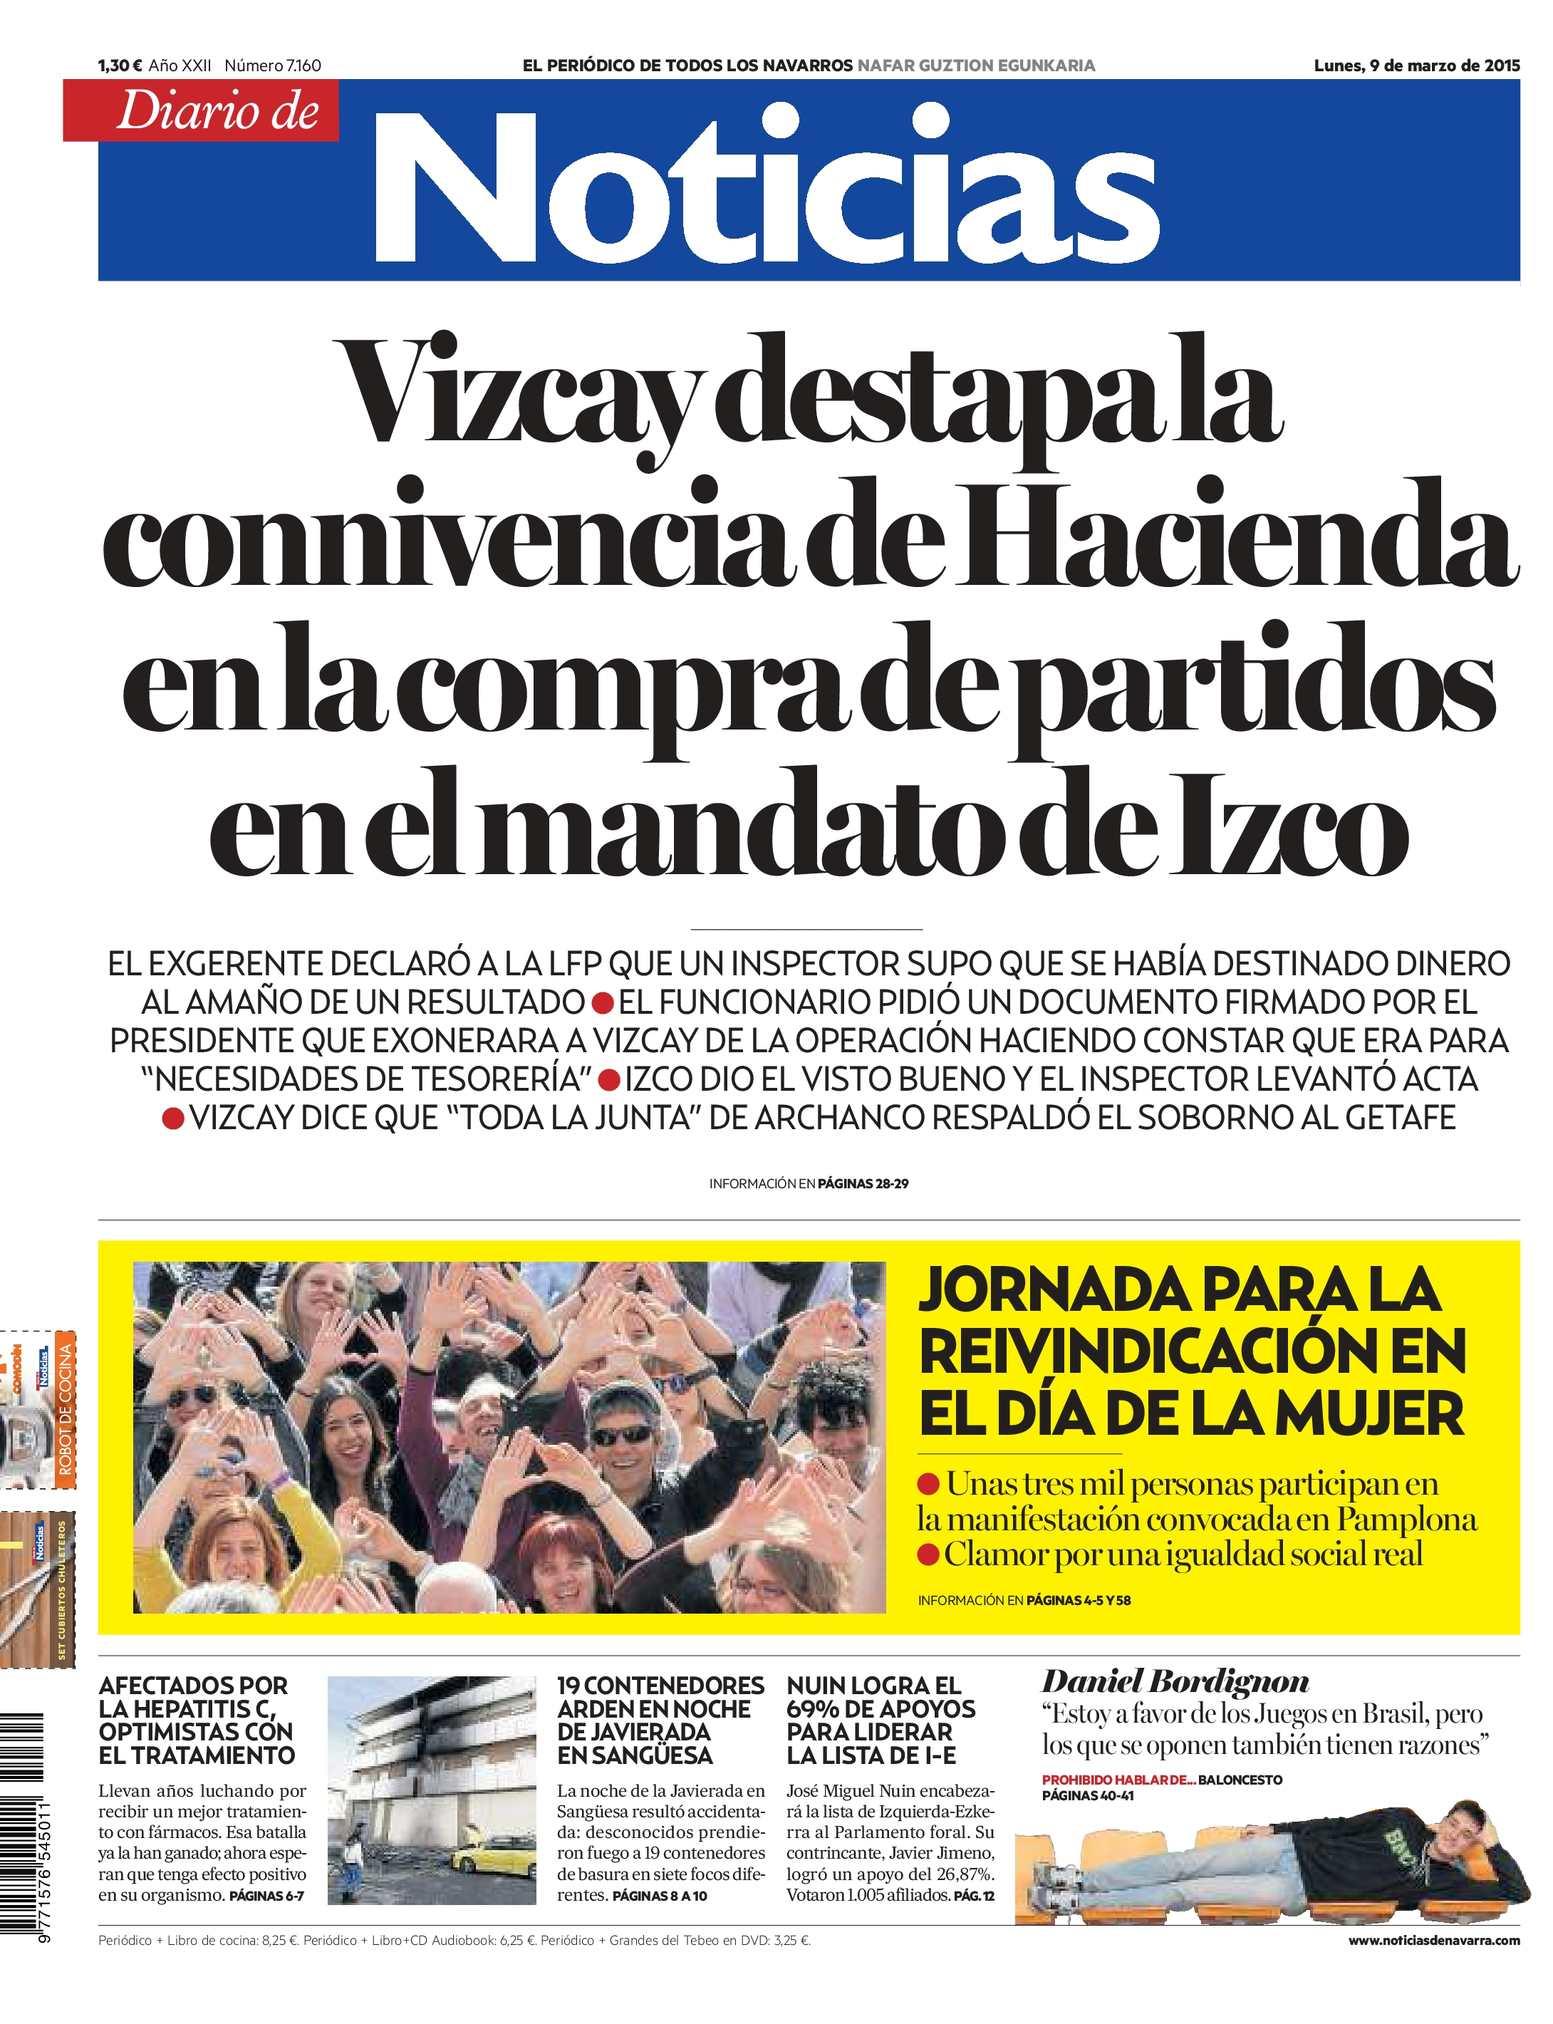 Calaméo - Diario de Noticias 20150309 ac109749101f